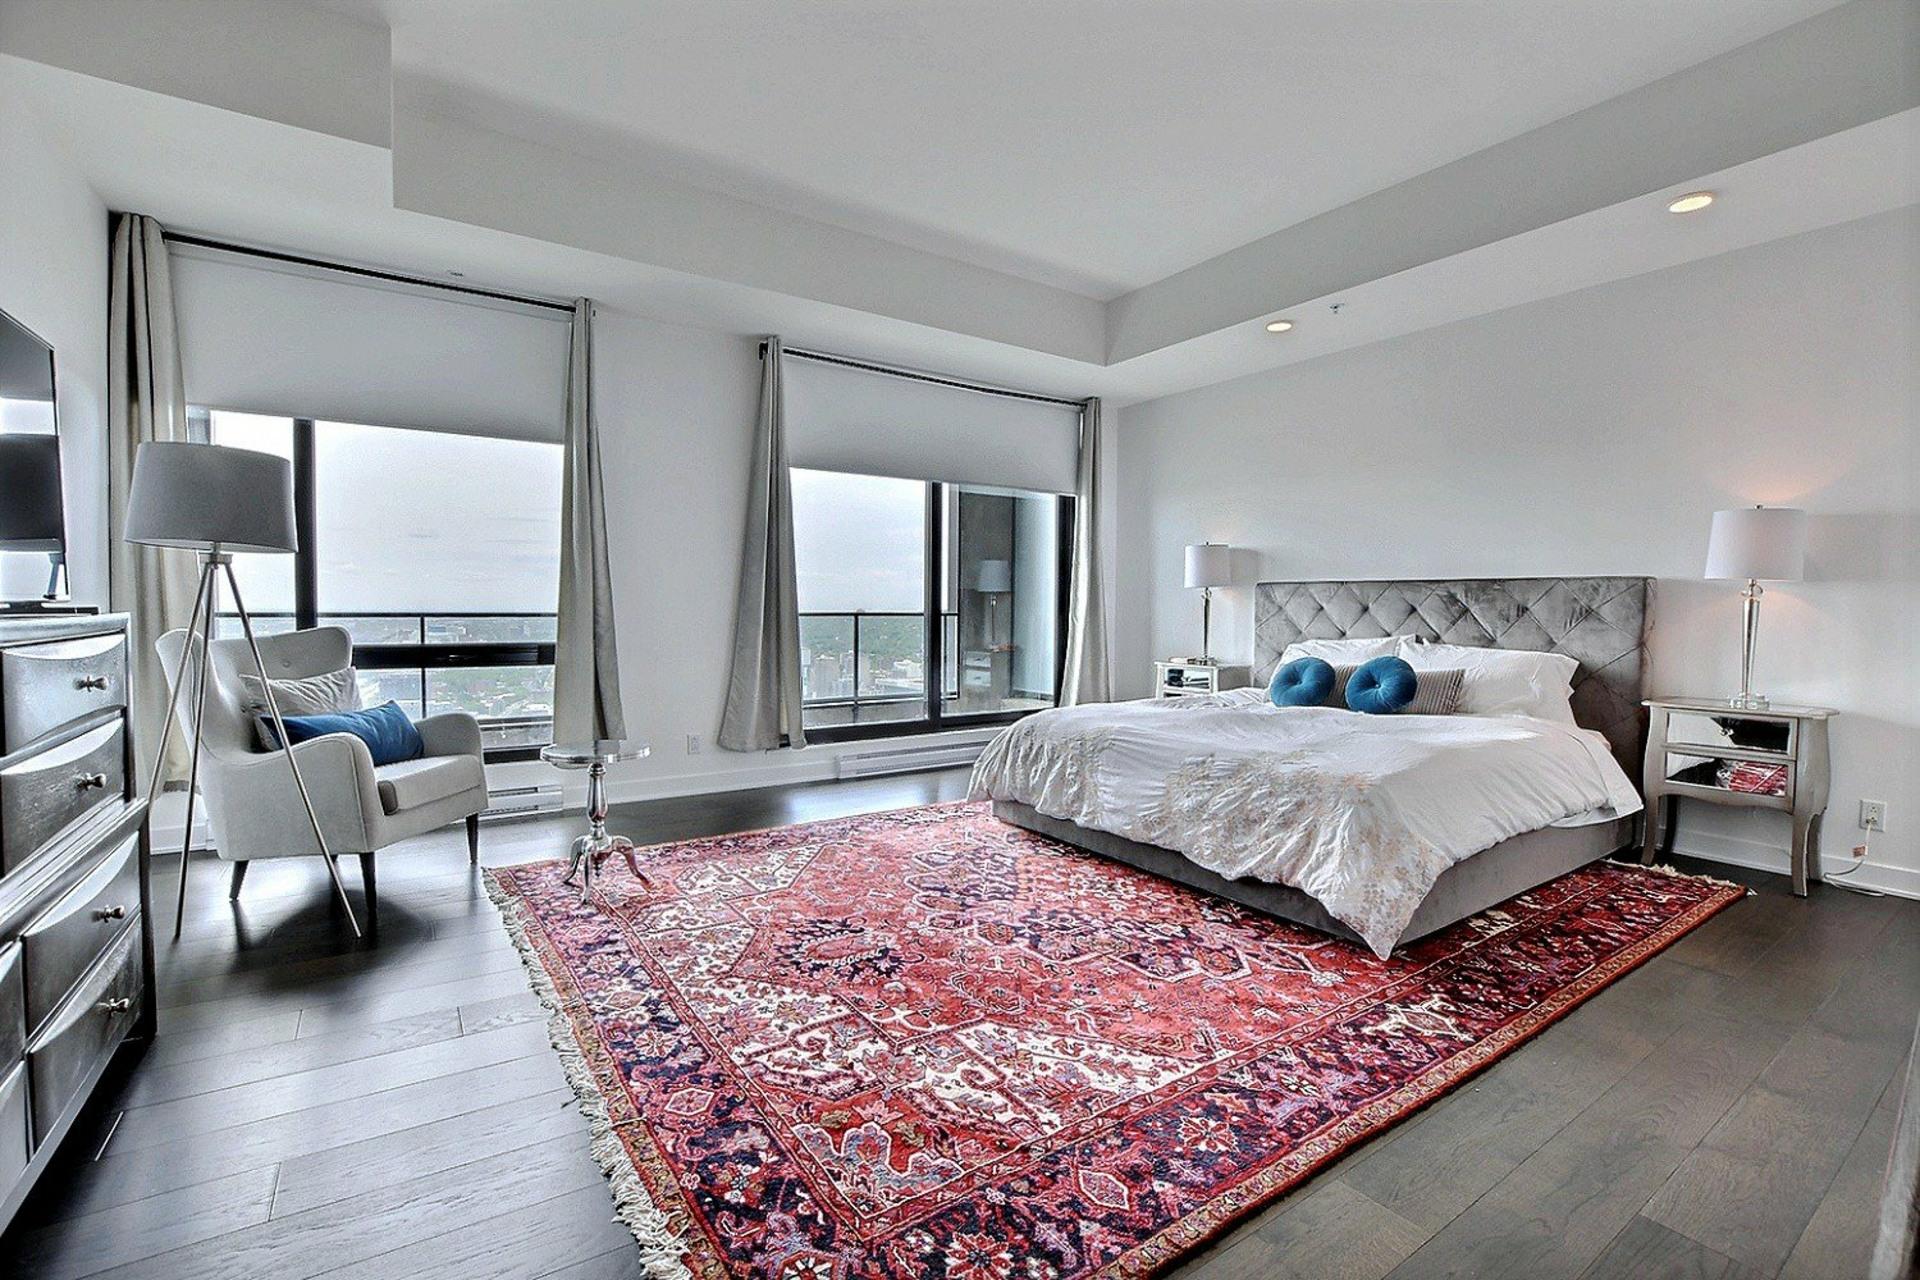 image 11 - Appartement À vendre Ville-Marie Montréal  - 7 pièces